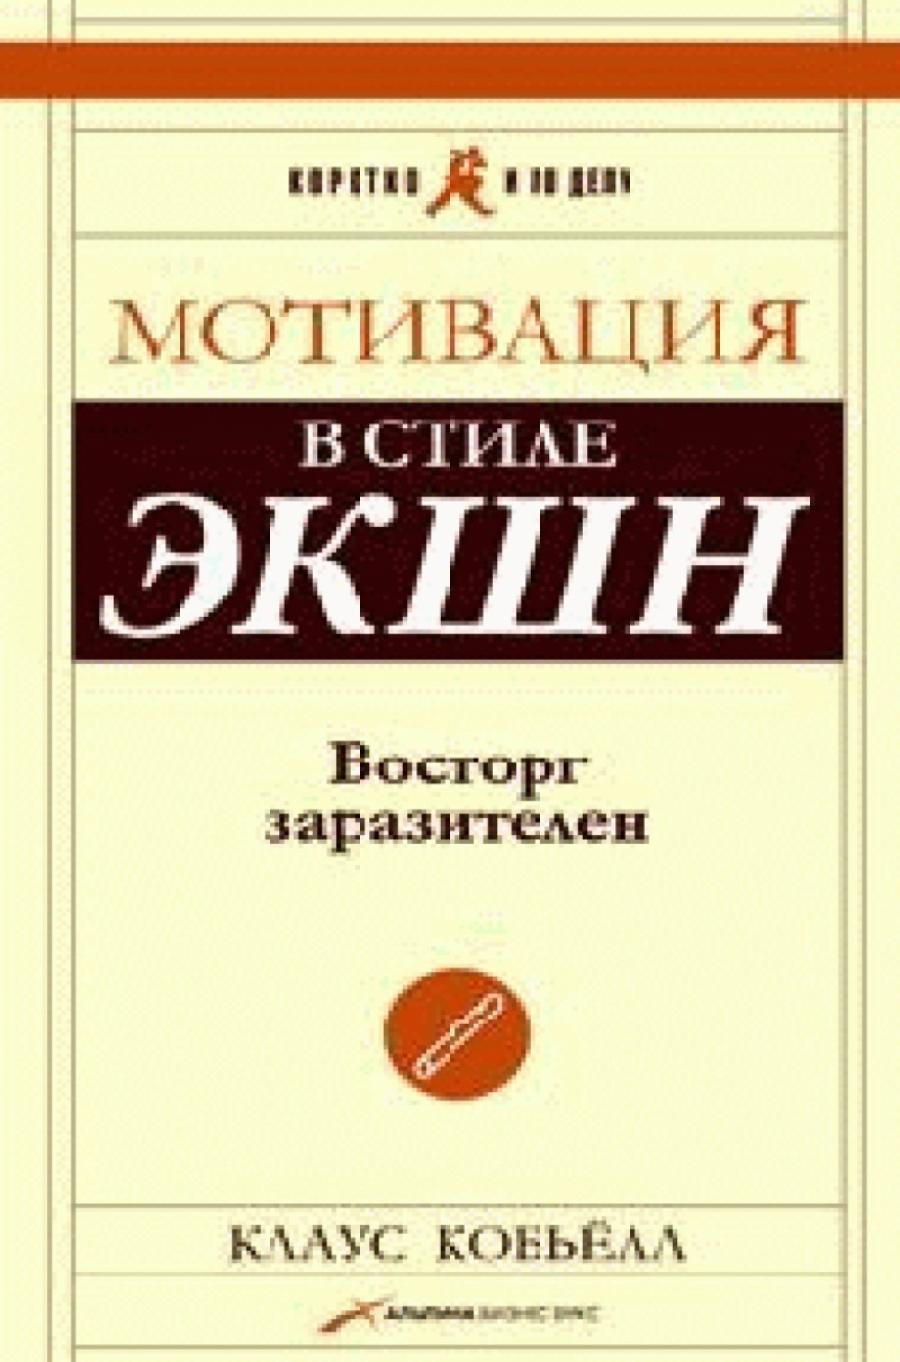 Обложка книги:  клаус кобьелл - мотивация в стиле экшн. восторг заразителен!